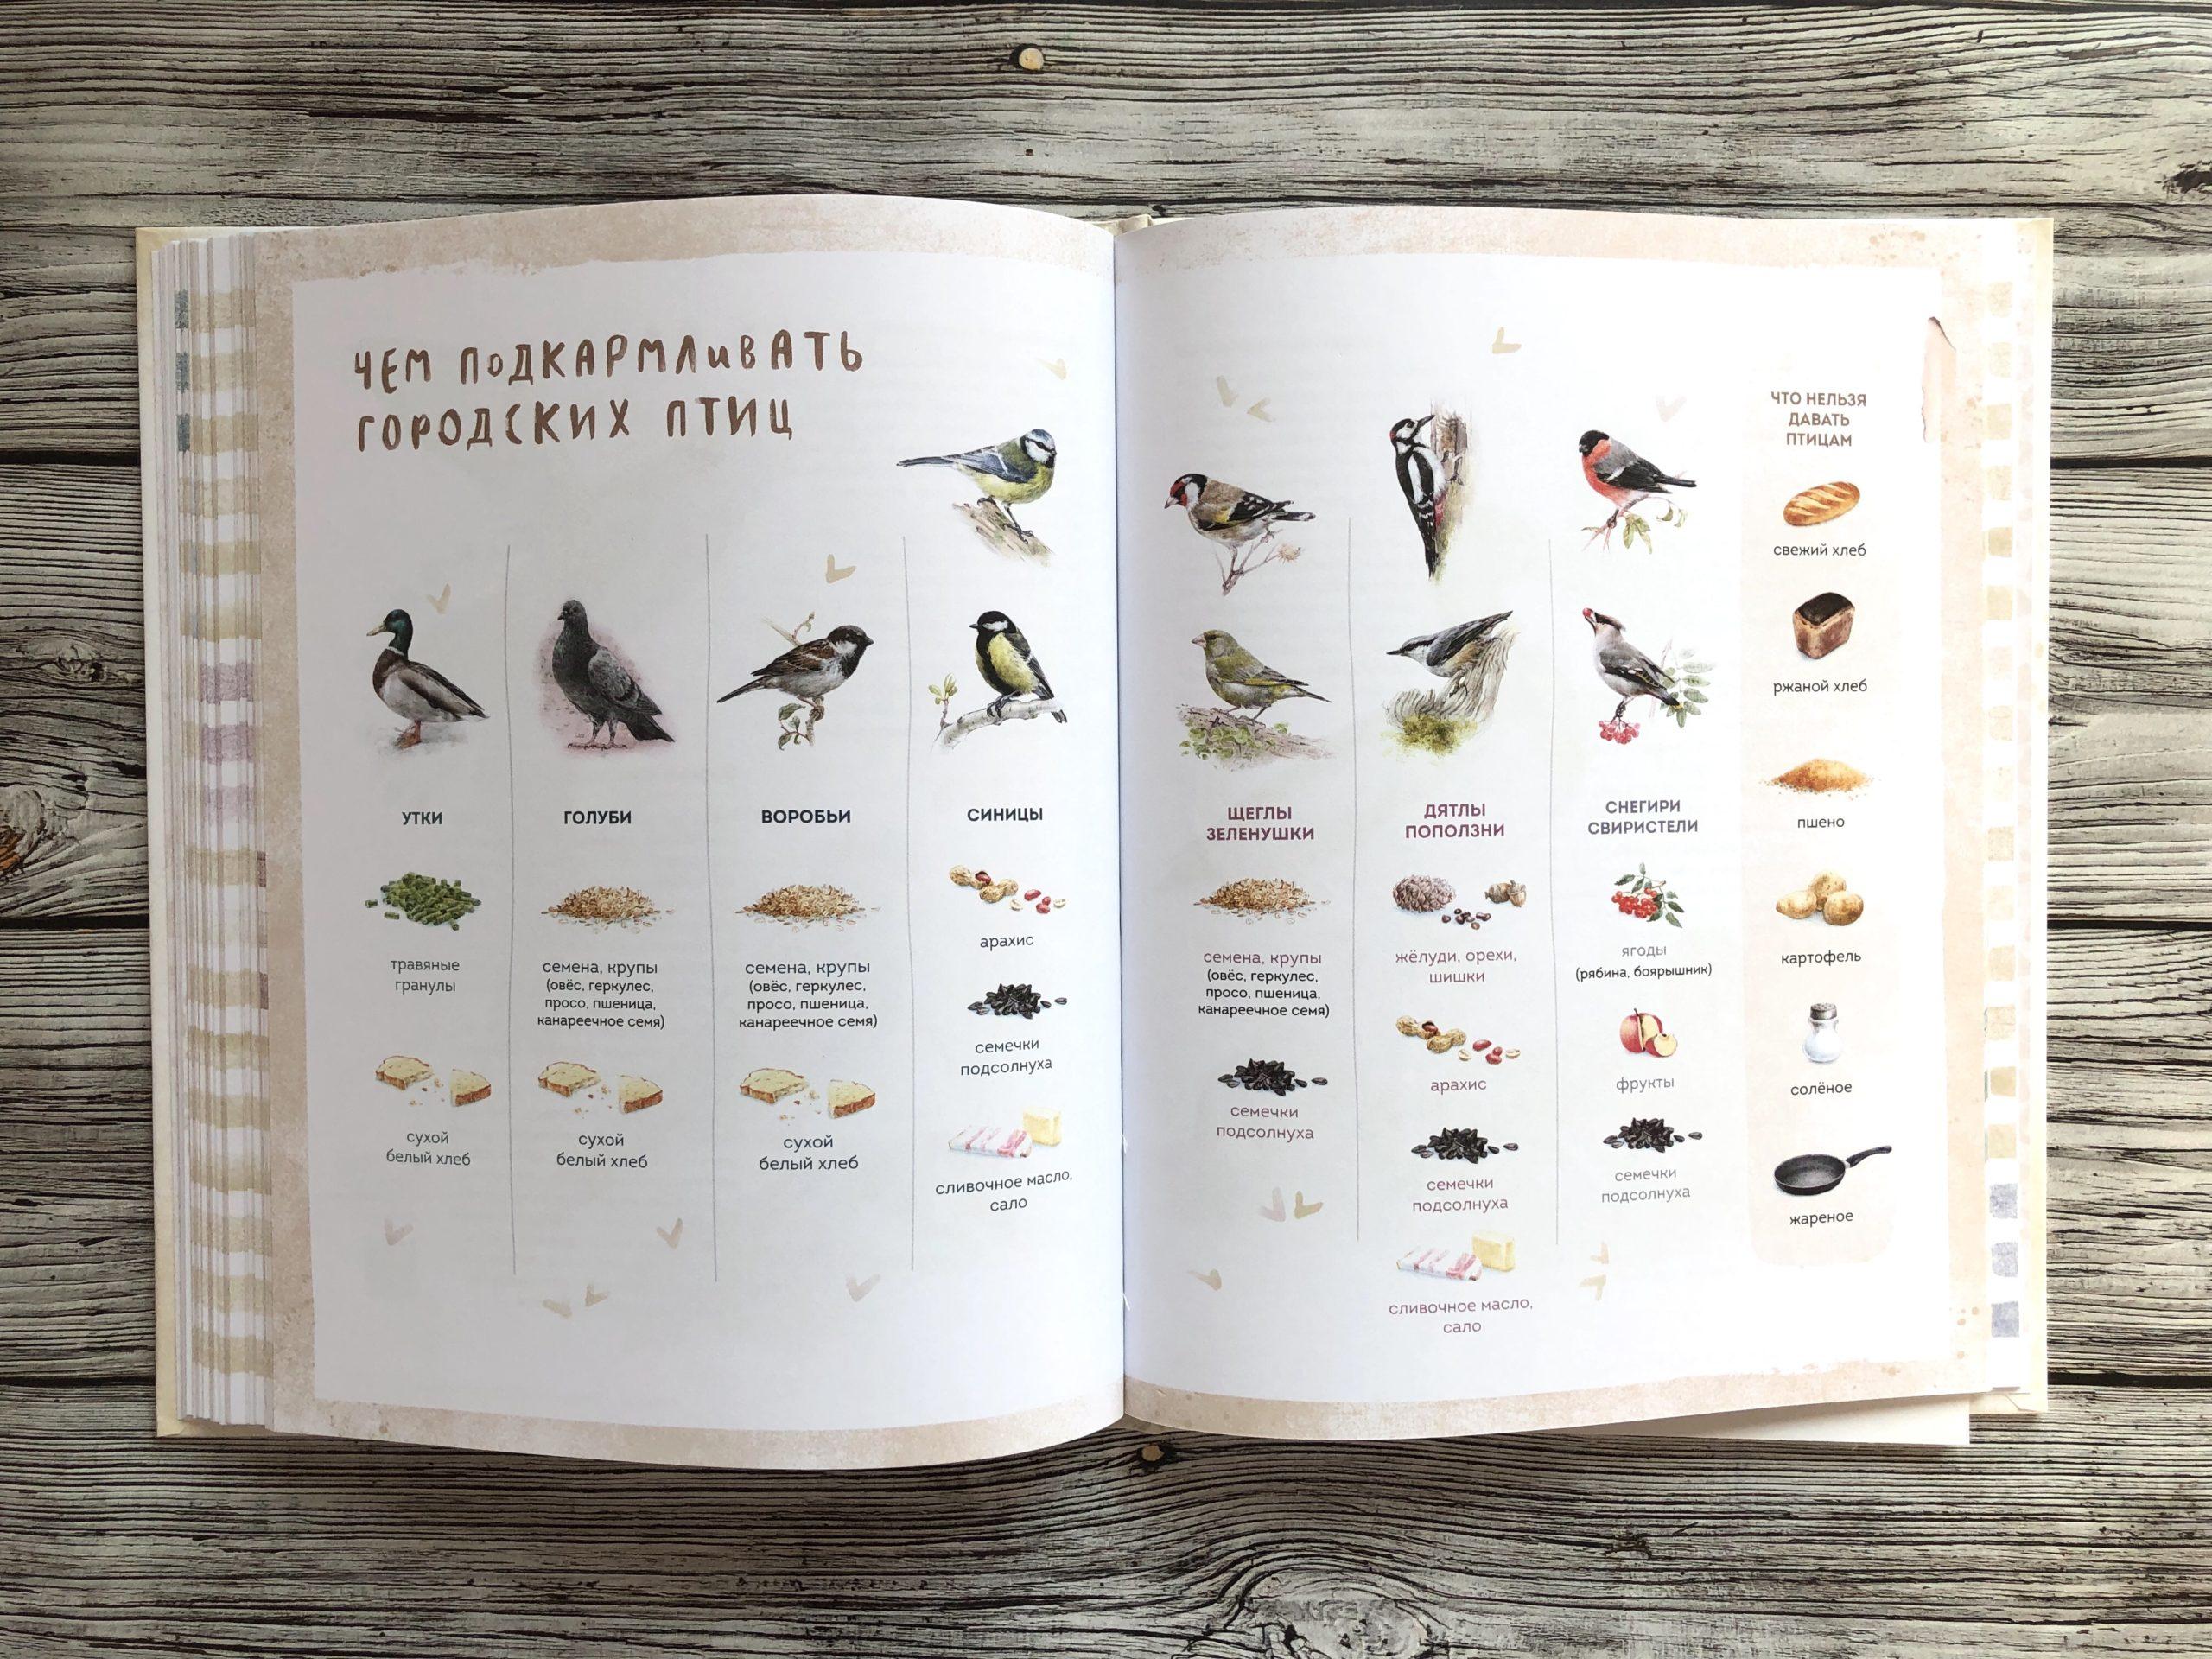 Очень красивая и полезная книга о птицах для детей - Птицы в городе 15